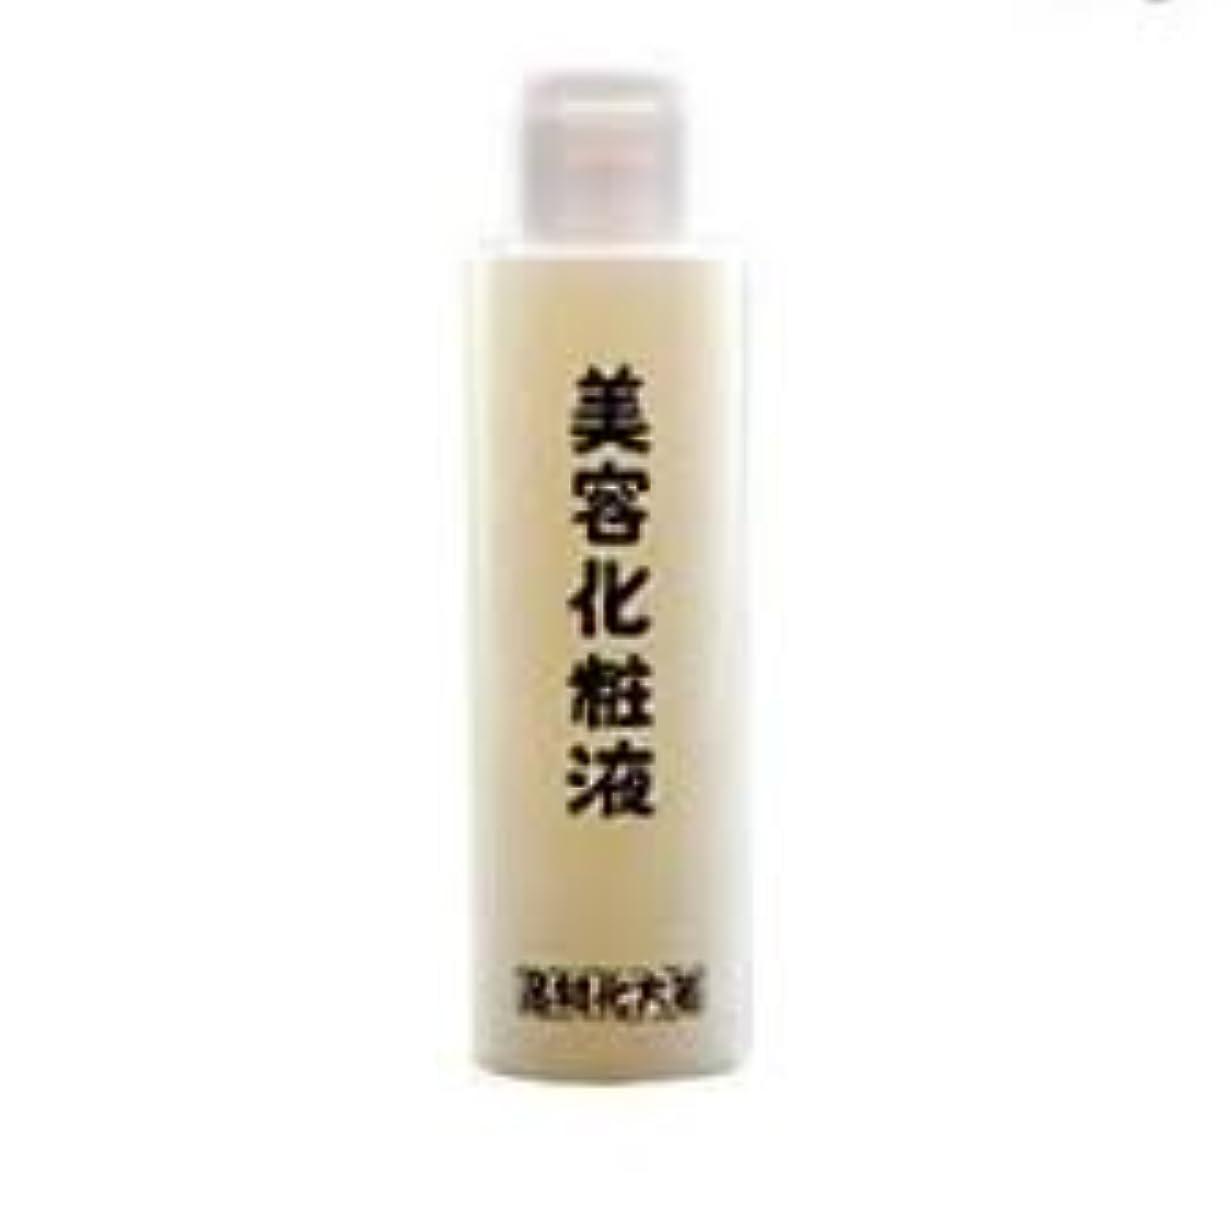 たくさんの宝雇用者箸方化粧品 美容化粧液 化粧水 120ml はしかた化粧品